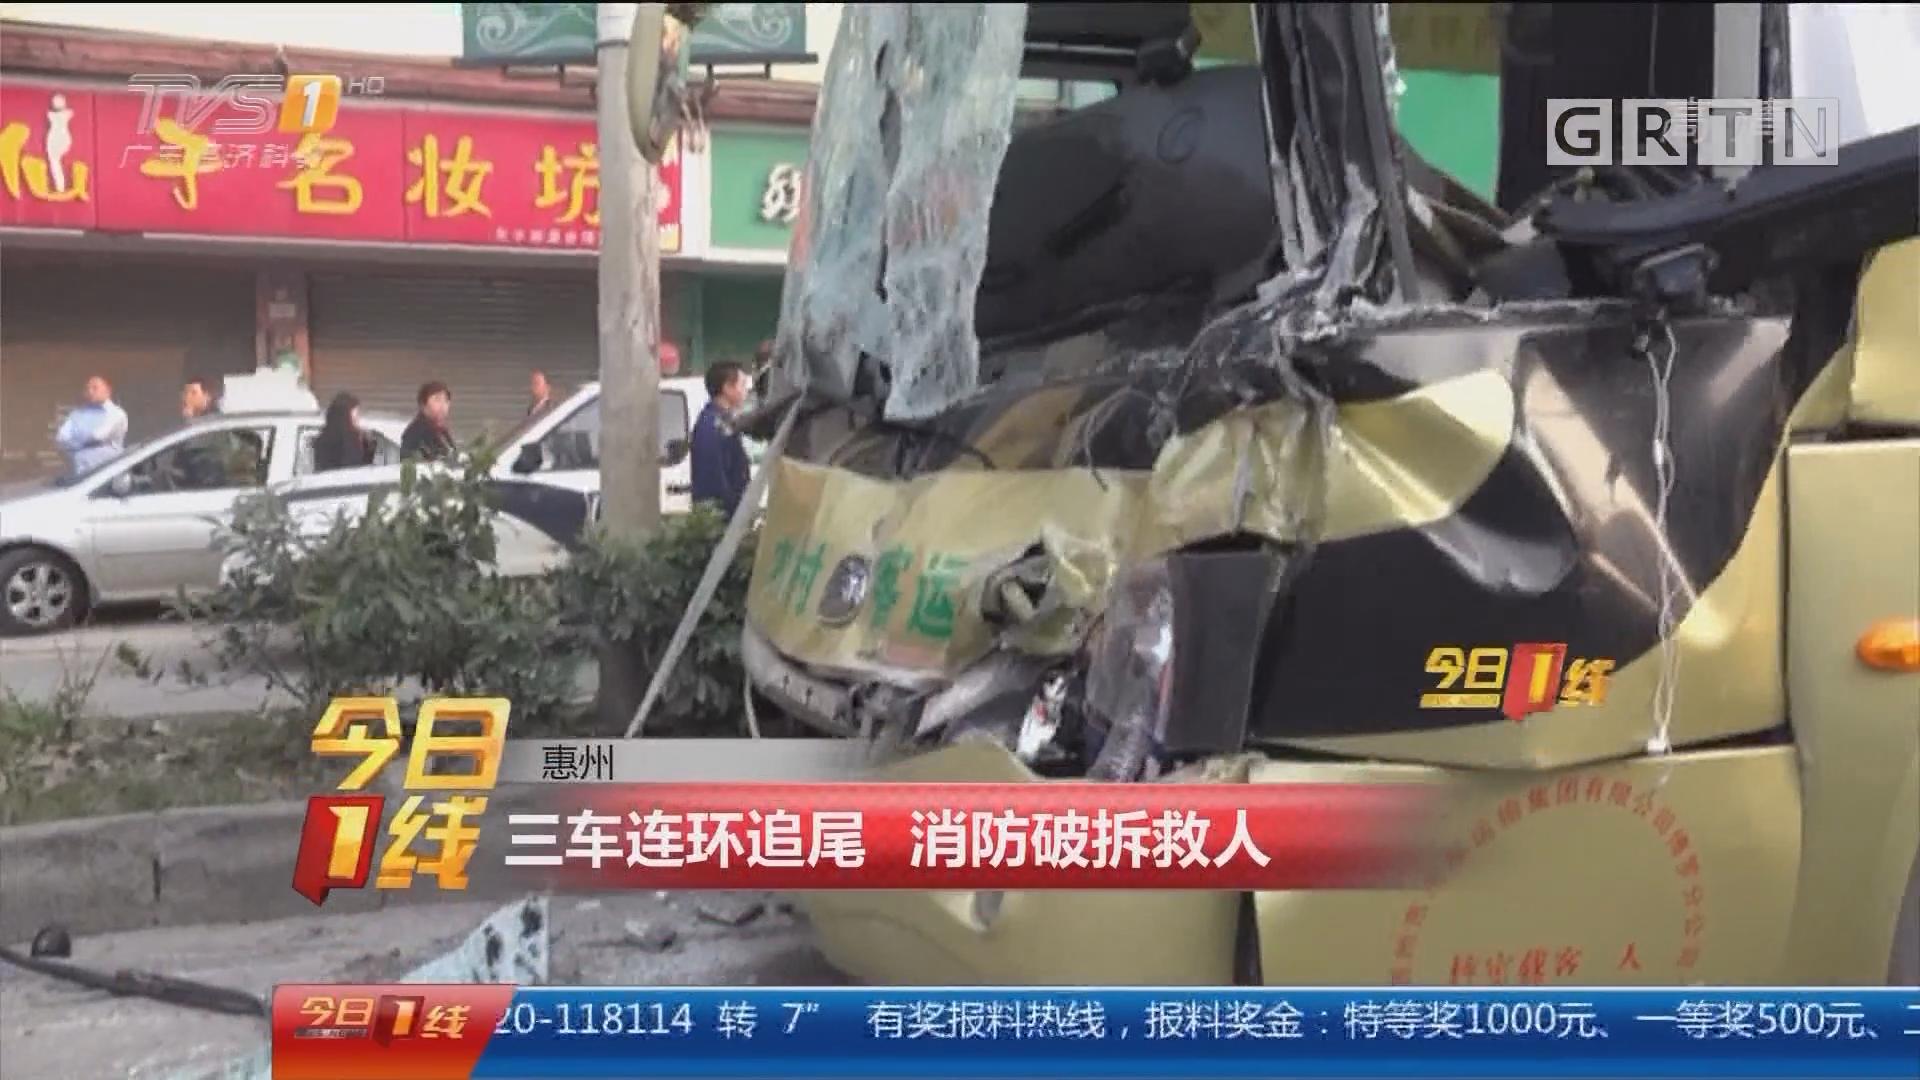 惠州:三车连环追尾 消防破拆救人